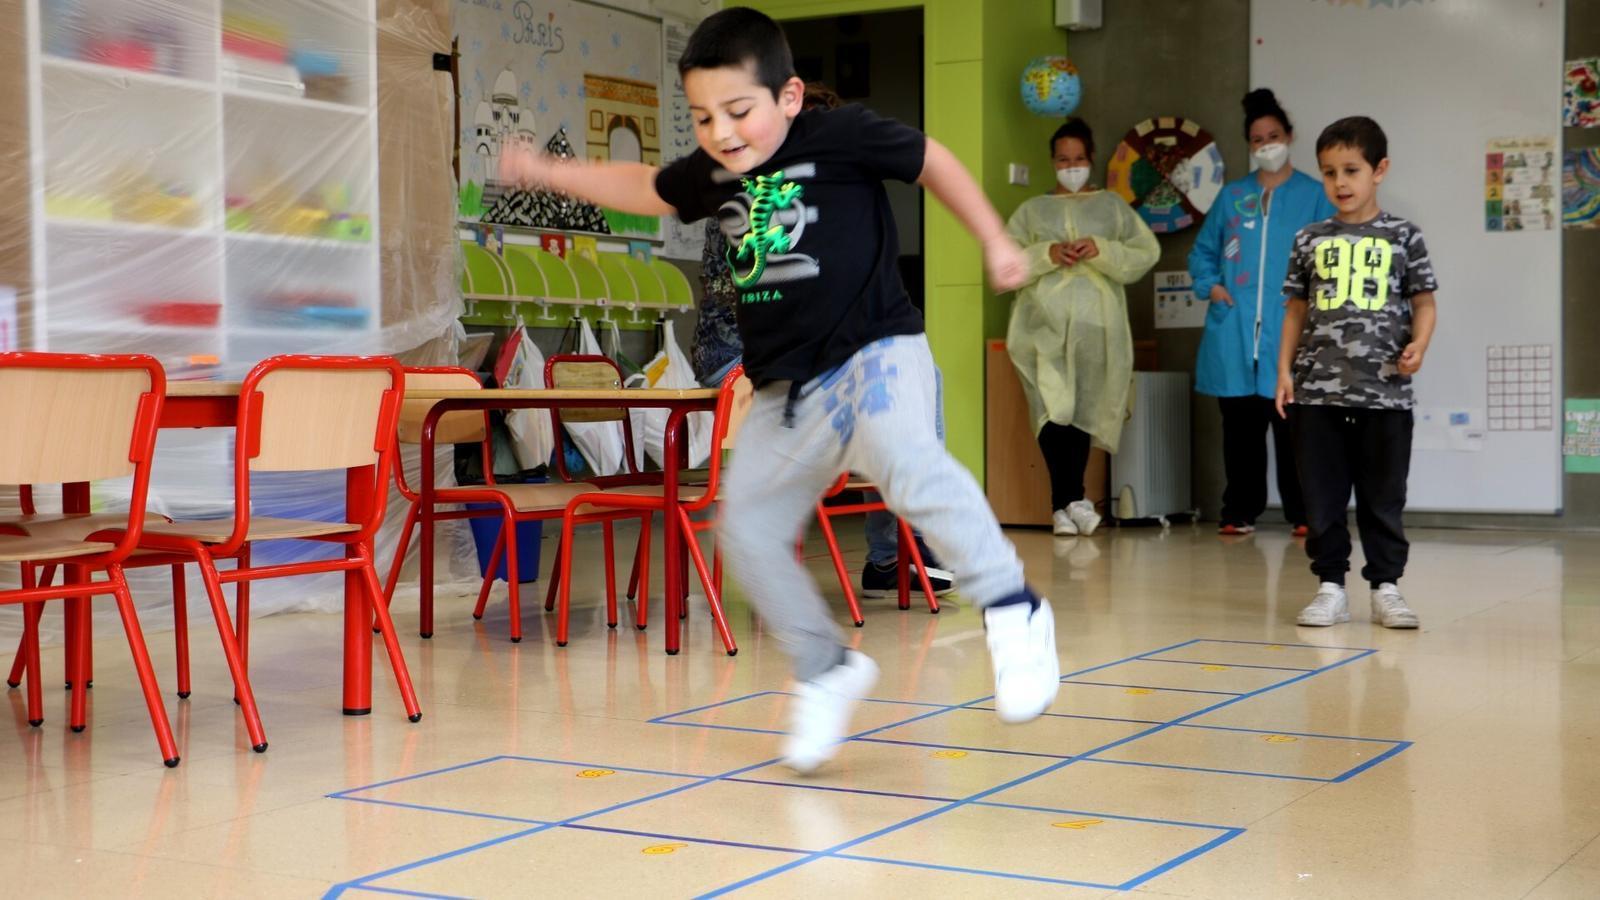 Dos nens juguen a l'aula de l'escola andorrana de Canillo. / E.C. (ANA)